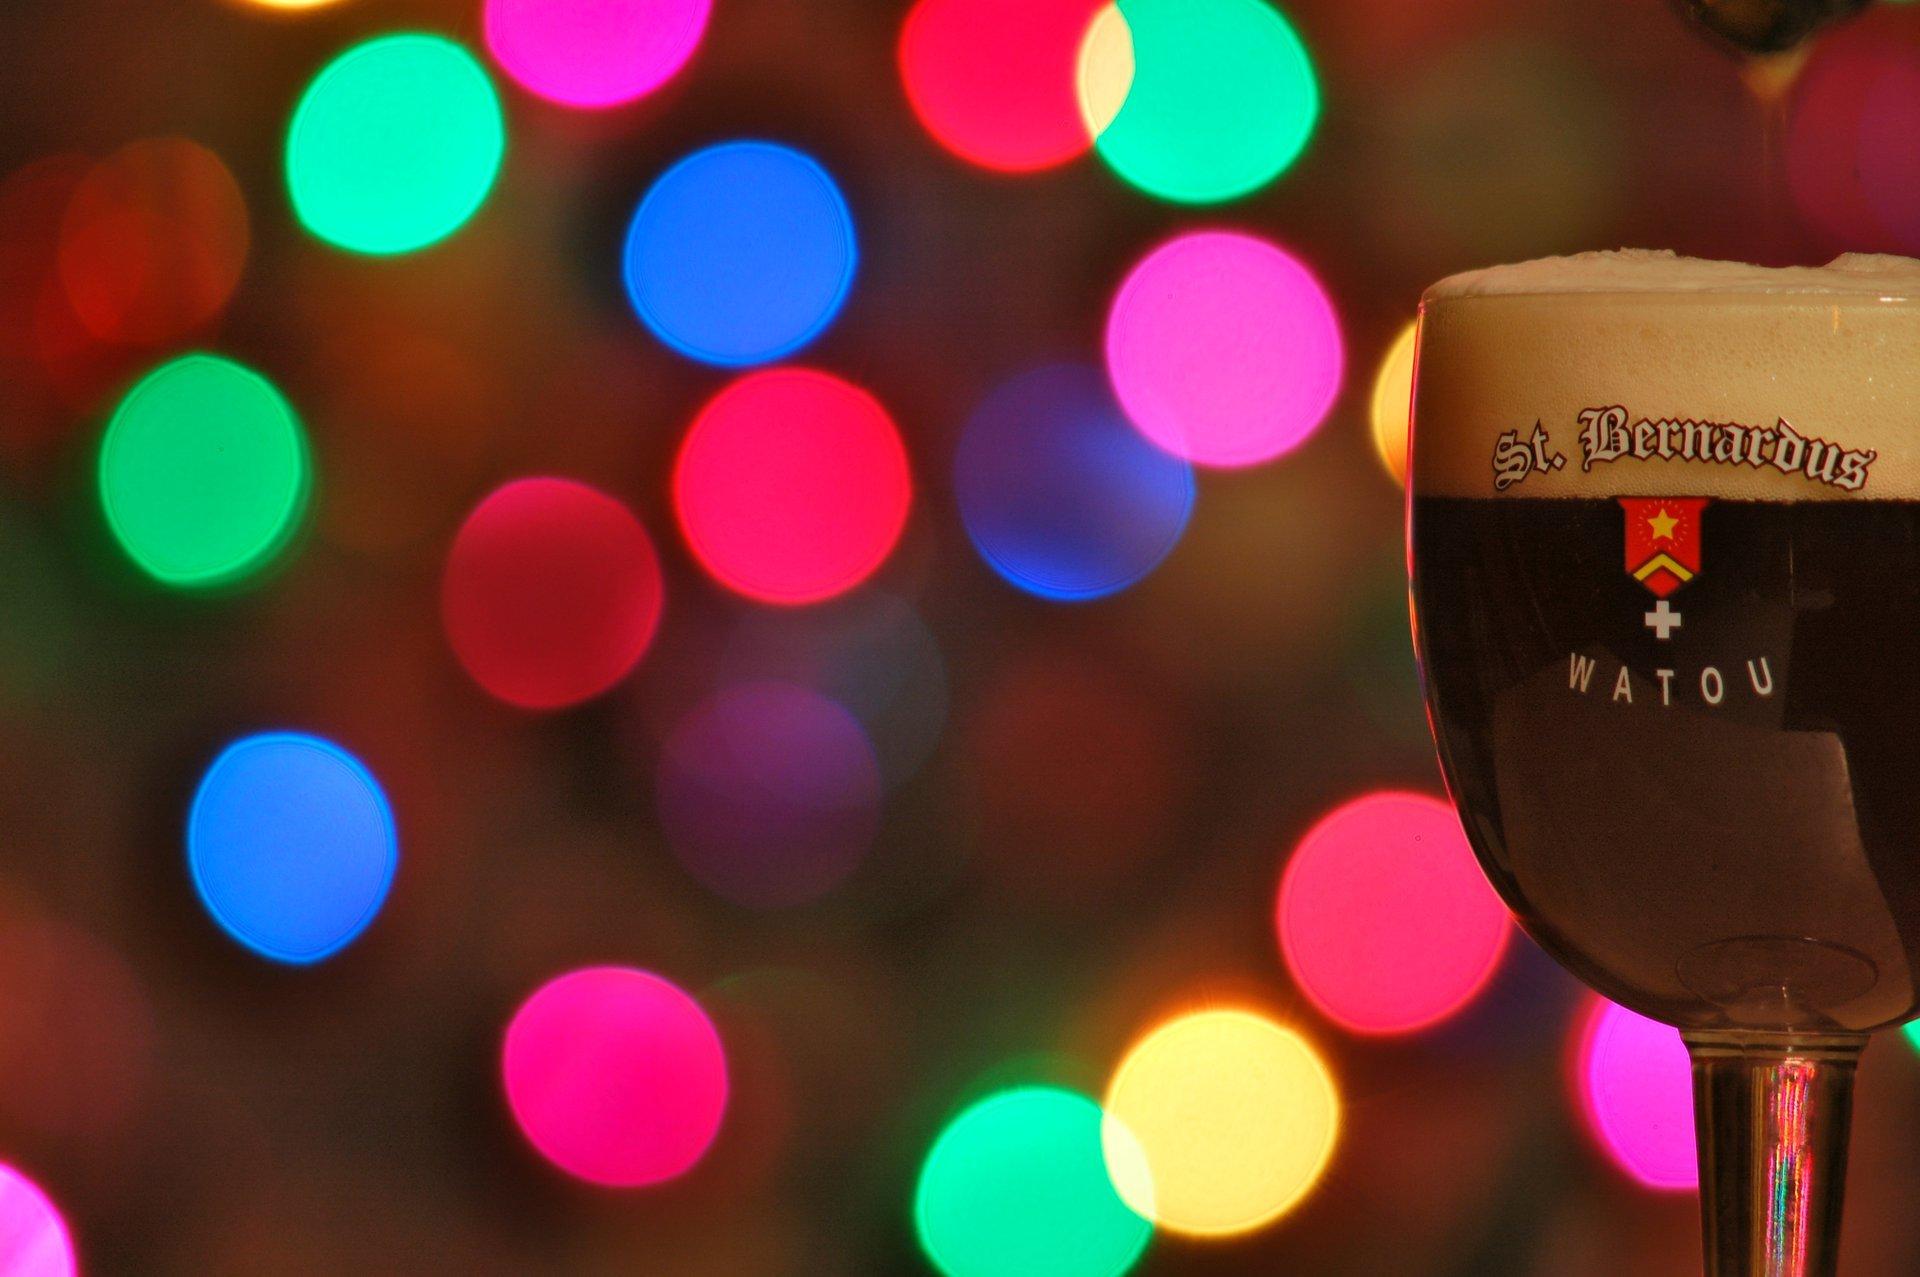 Winter / Christmas Beers in Belgium 2020 - Best Time